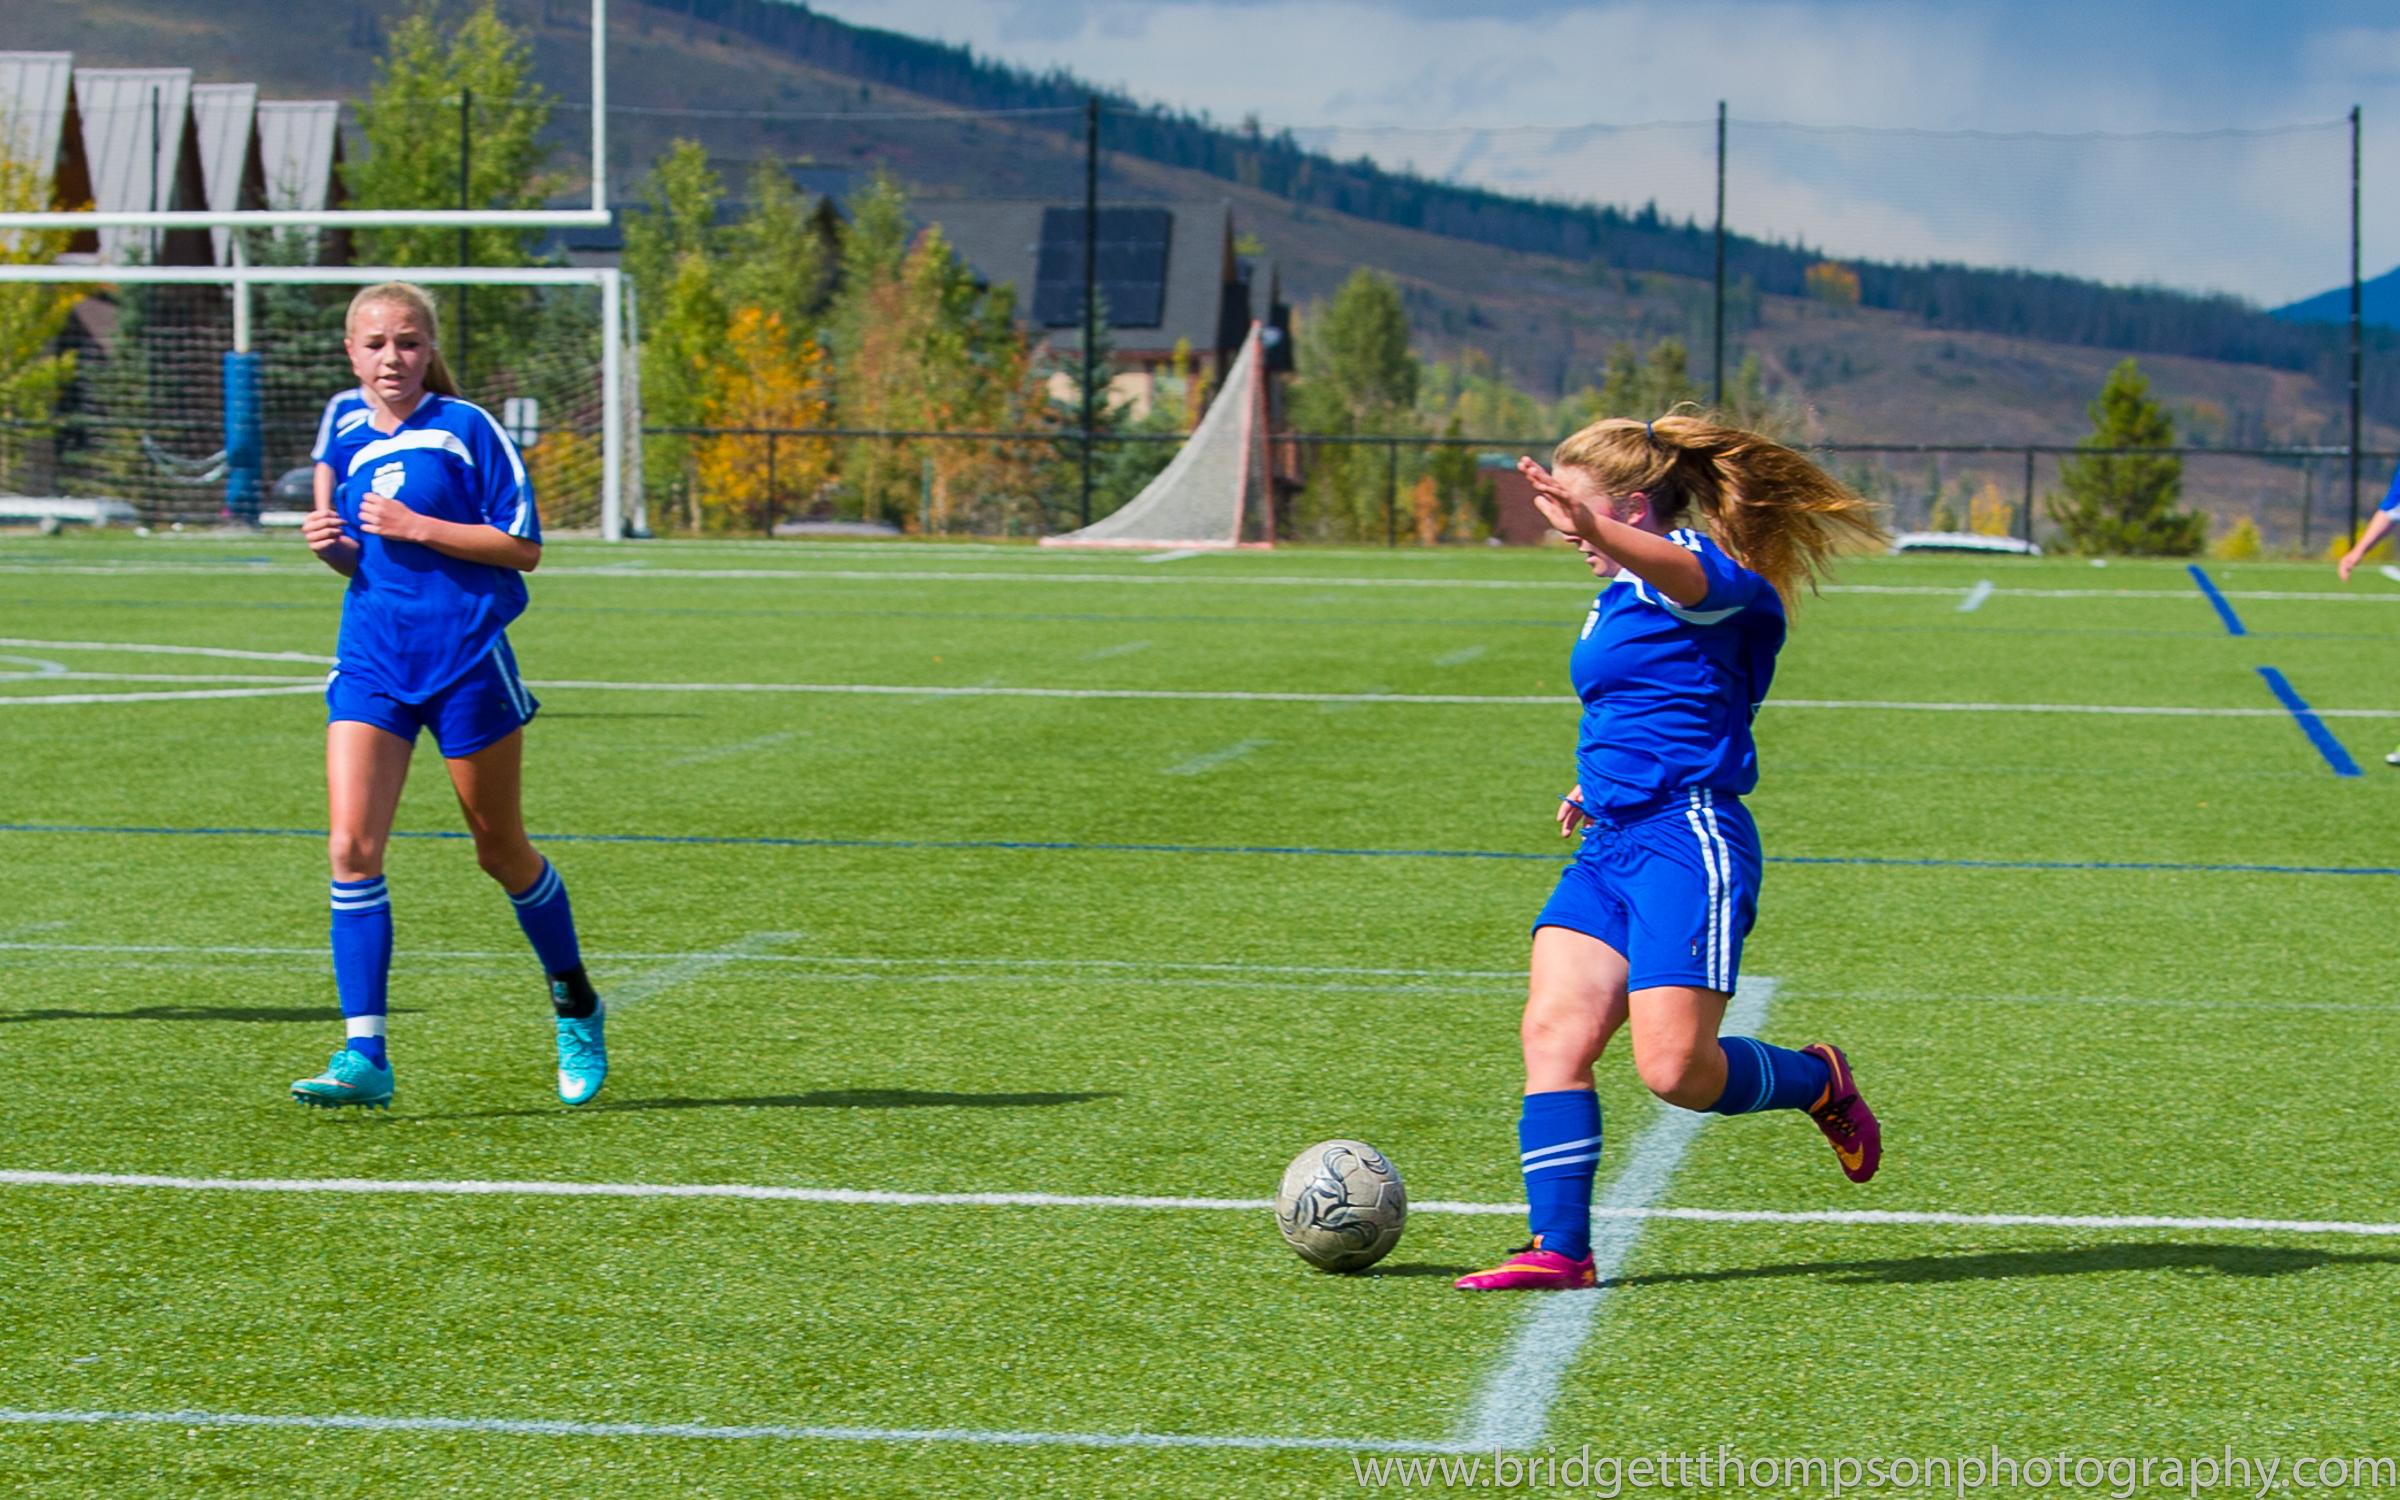 colorado club soccer u19  high country bridgett thomposn fall 2017 batch 2-37.jpg